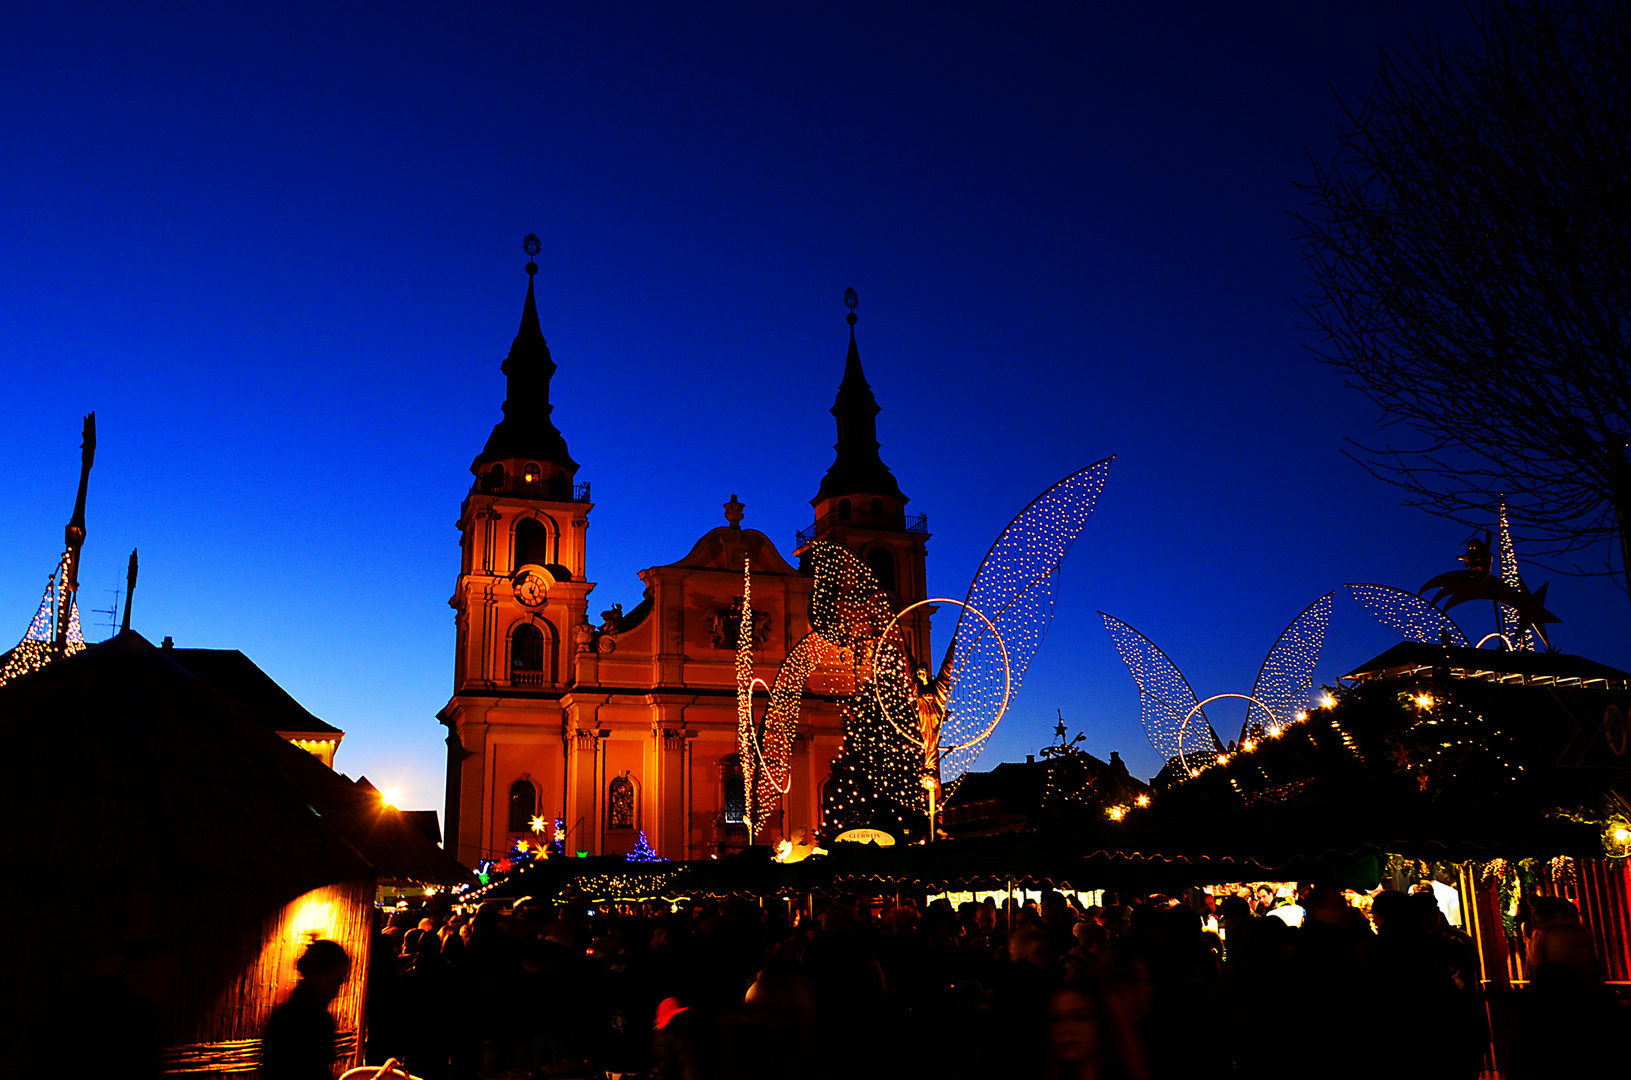 Ludwigsburg Weihnachtsmarkt.Weihnachtsmarkt In Ludwigsburg 2016 1481 Foto Bild Deutschland